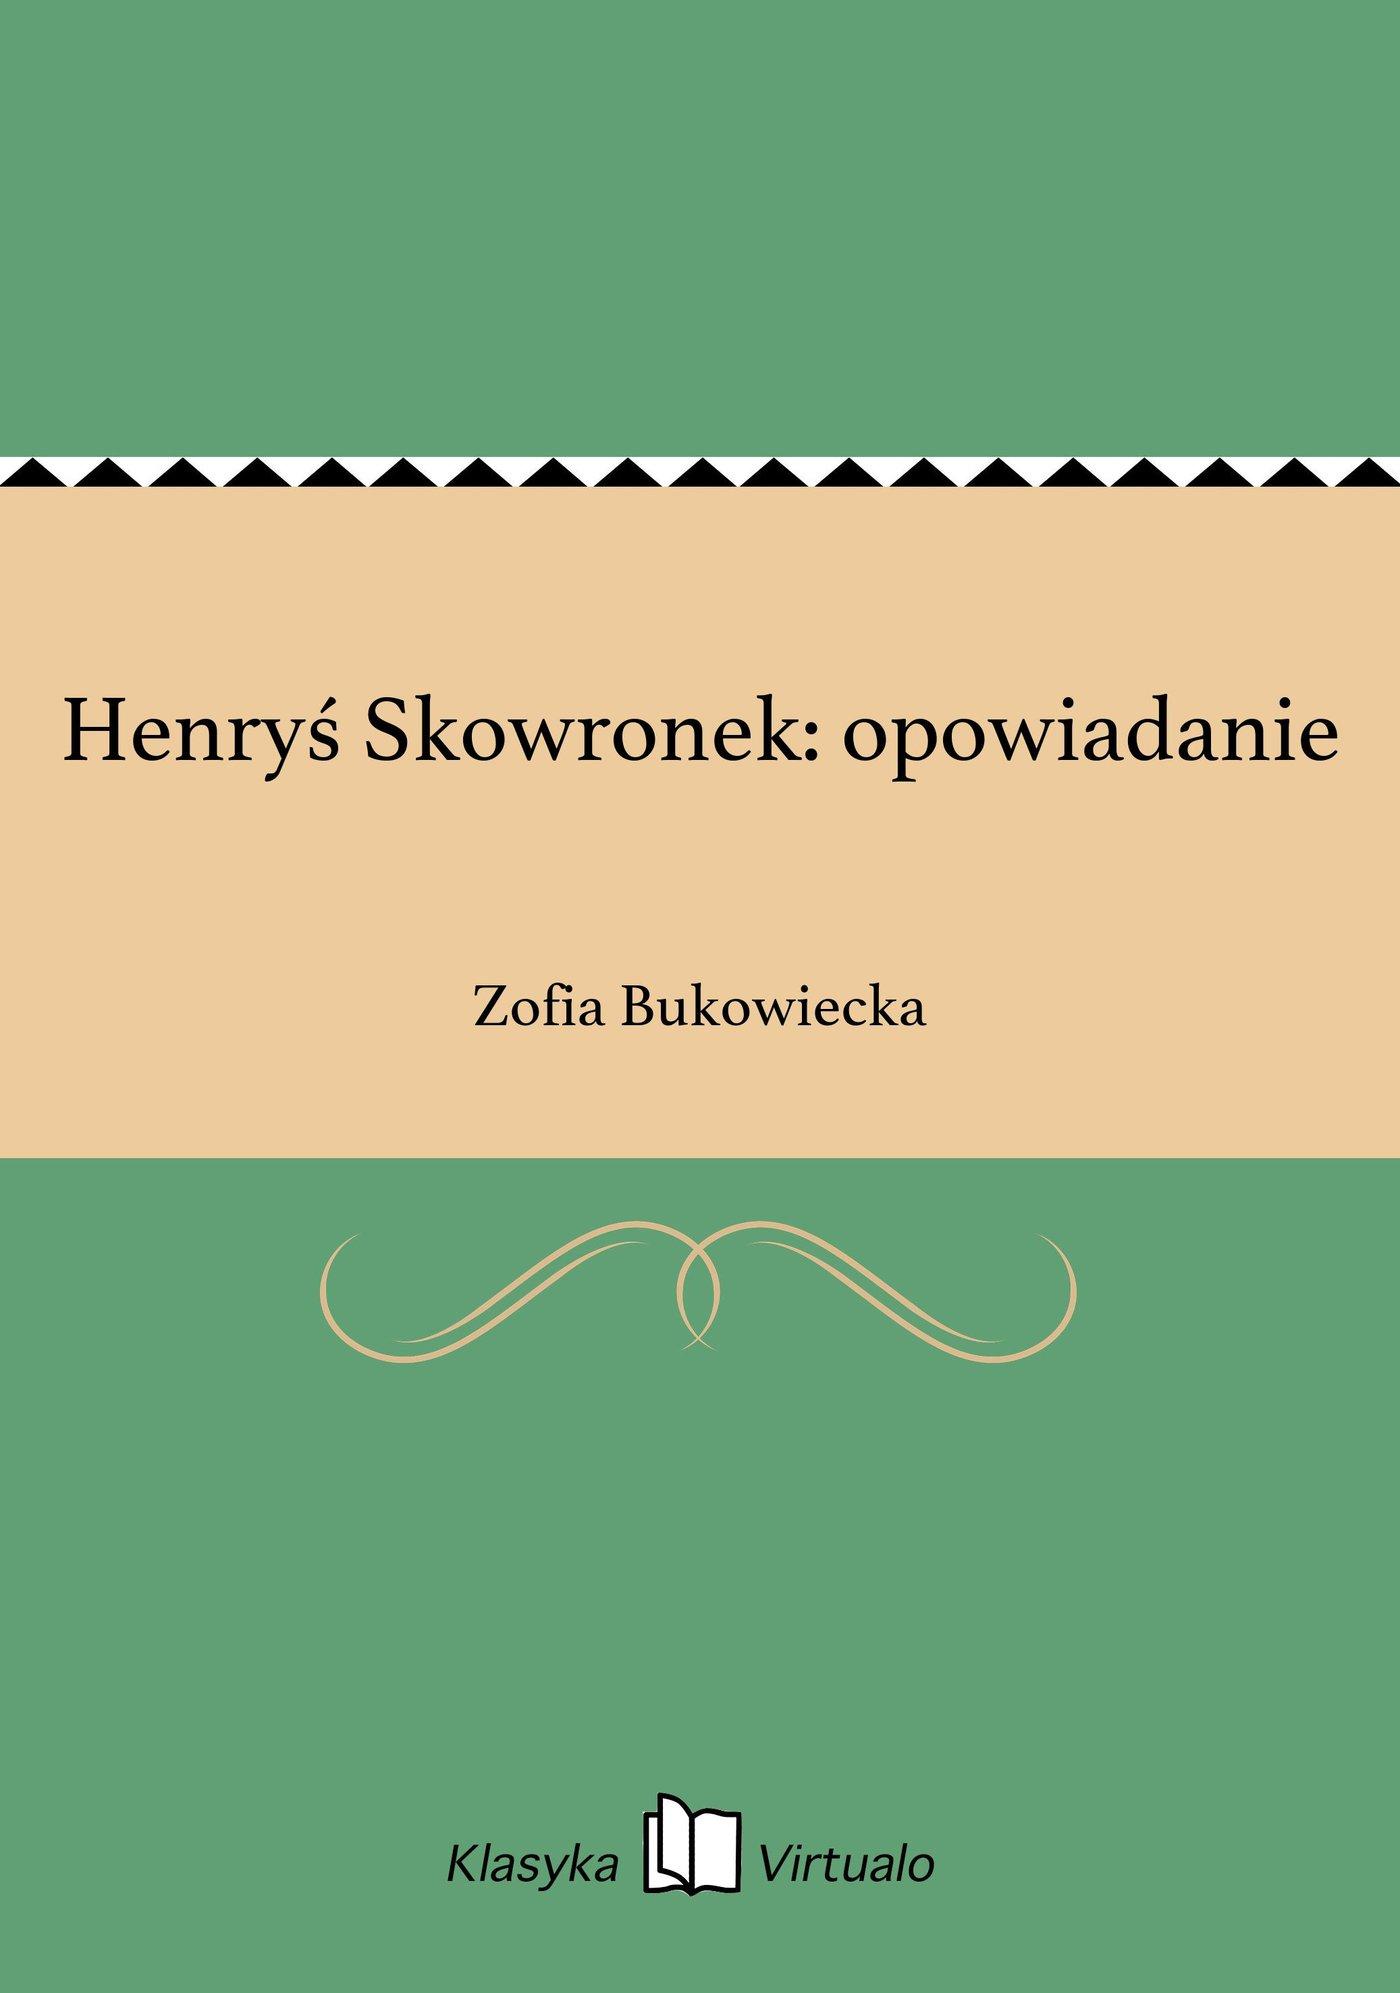 Henryś Skowronek: opowiadanie - Ebook (Książka EPUB) do pobrania w formacie EPUB